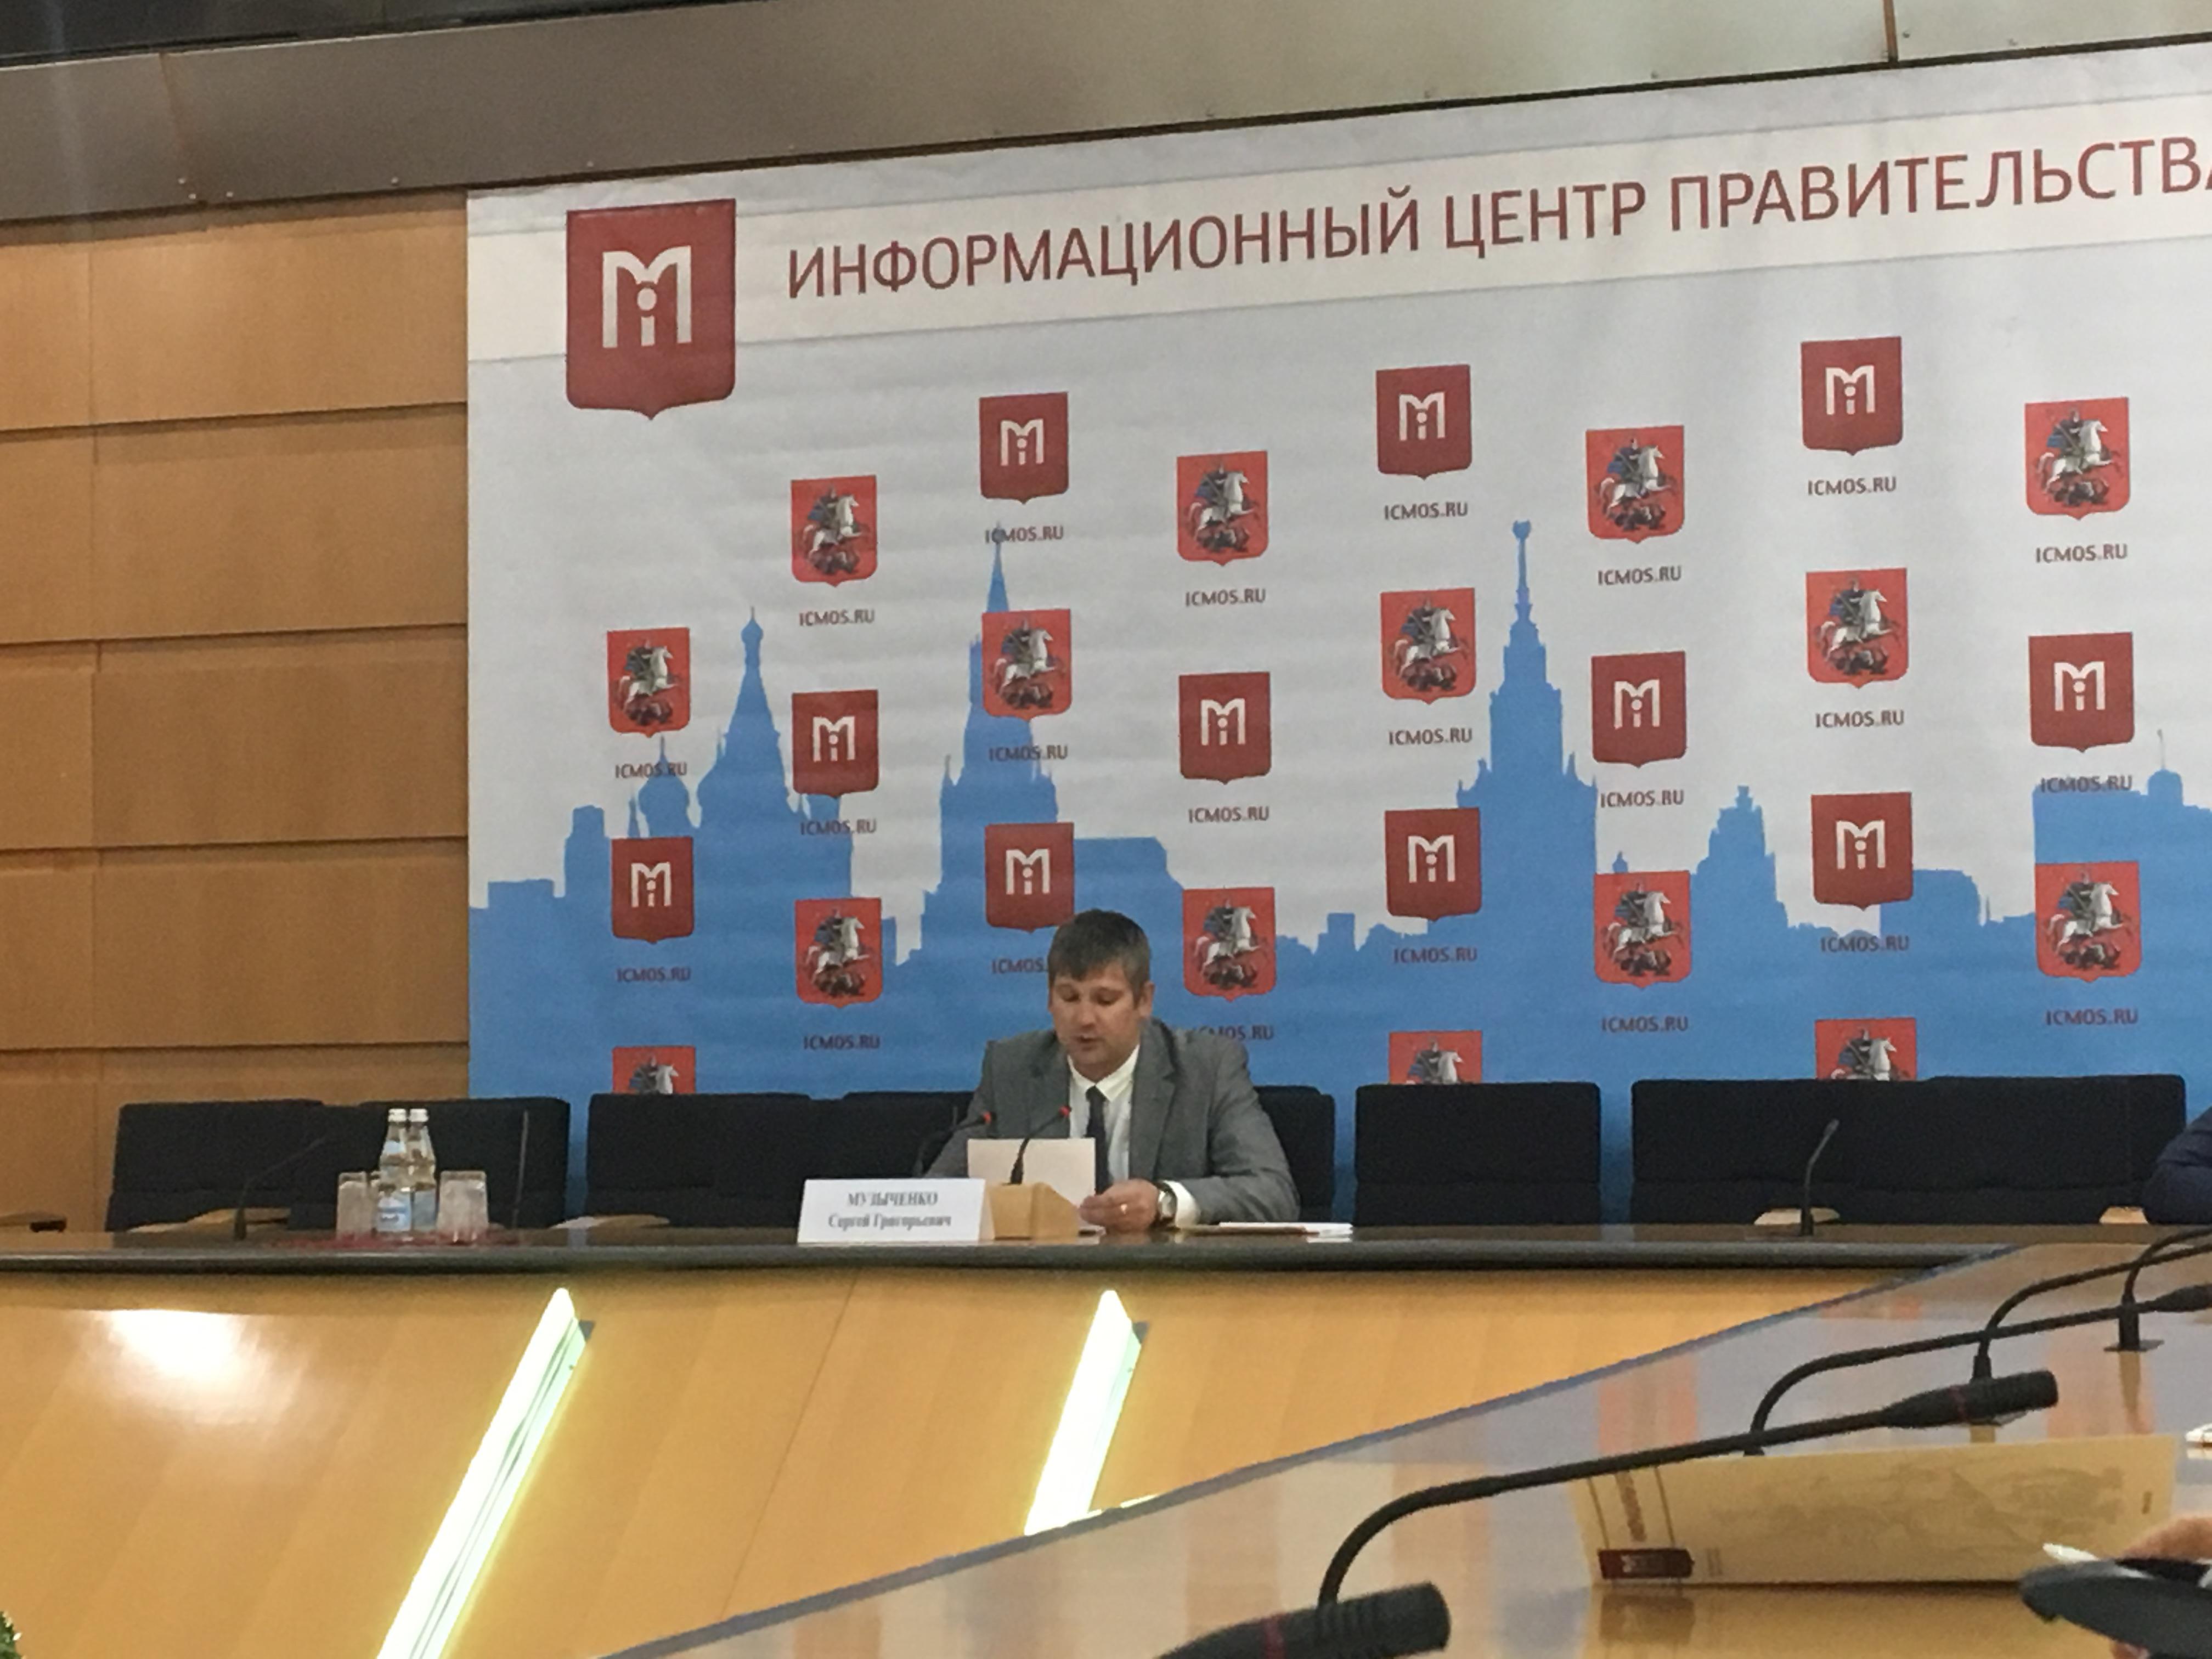 Более двух миллионов квадратных метров недвижимости ввели в эксплуатацию в Москве